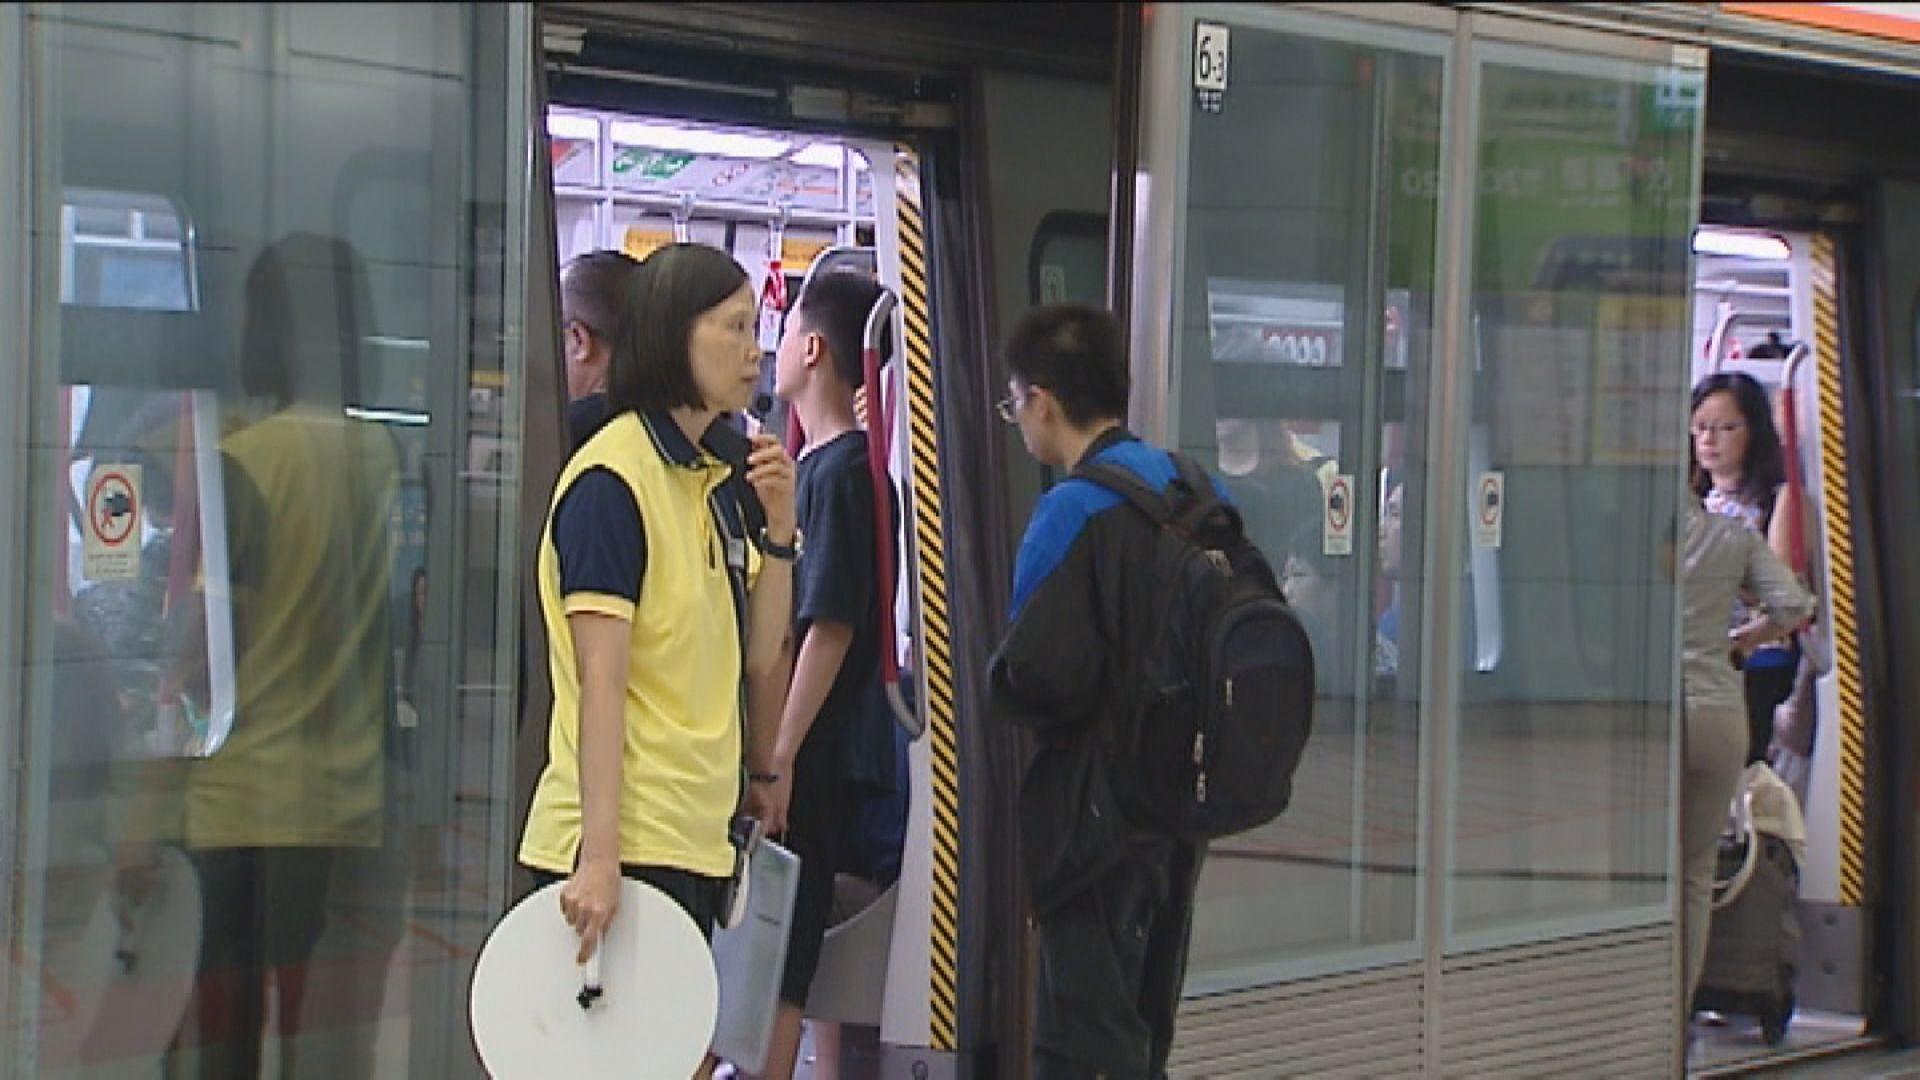 路軌發現裂紋 荃灣綫車程須增加3至5分鐘